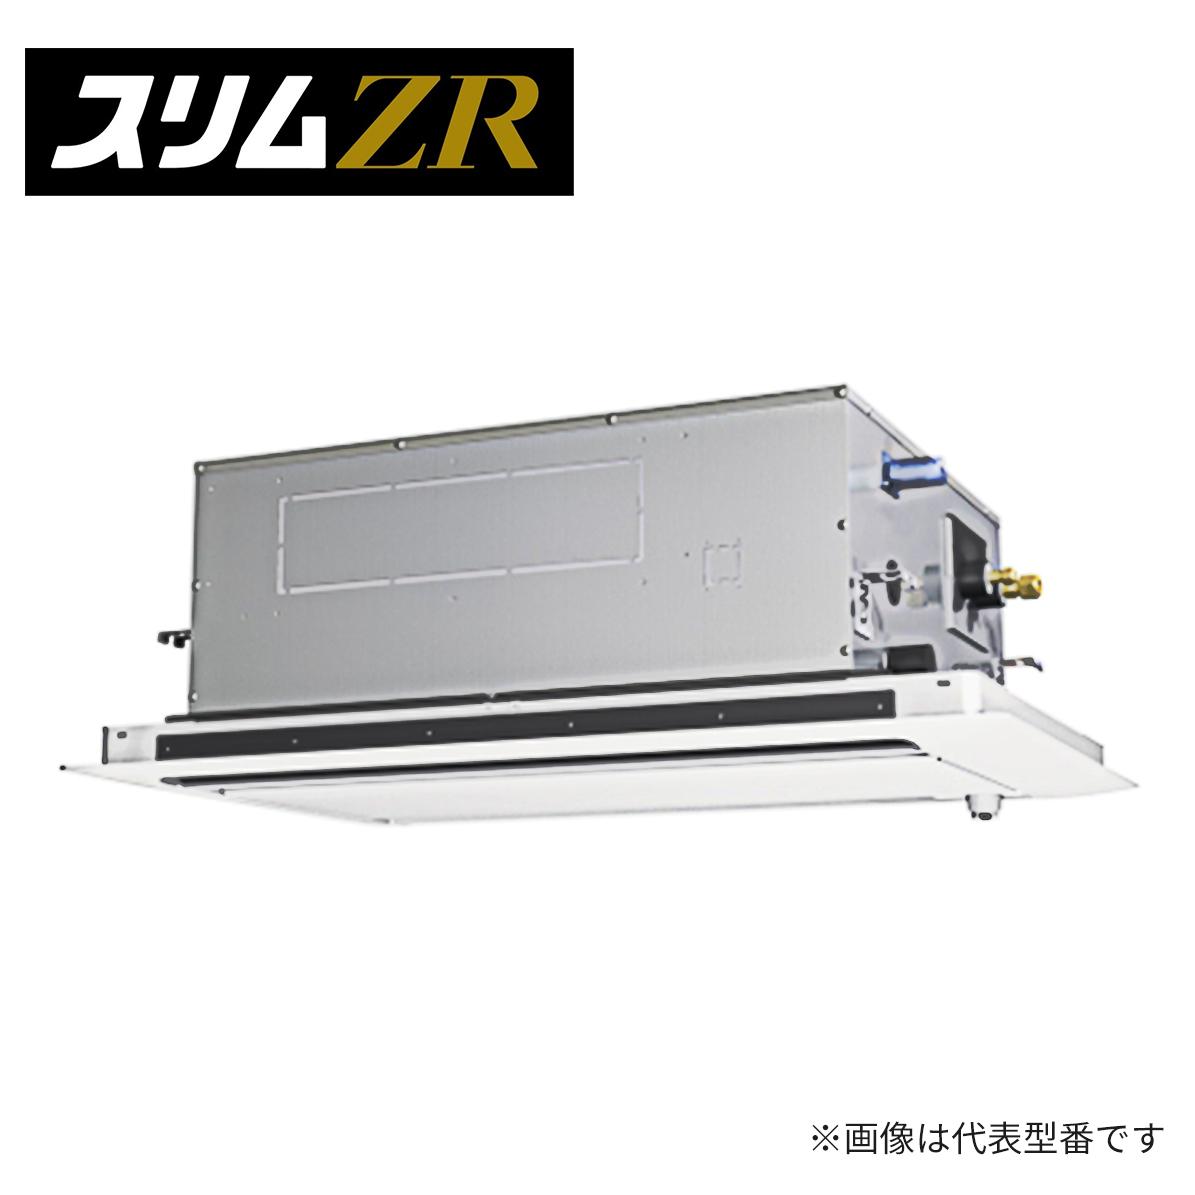 ###三菱 業務用エアコン【PLZ-ZRMP45LFR】スリムZR 2方向天井カセット形 標準シングル 三相200V 1.8馬力